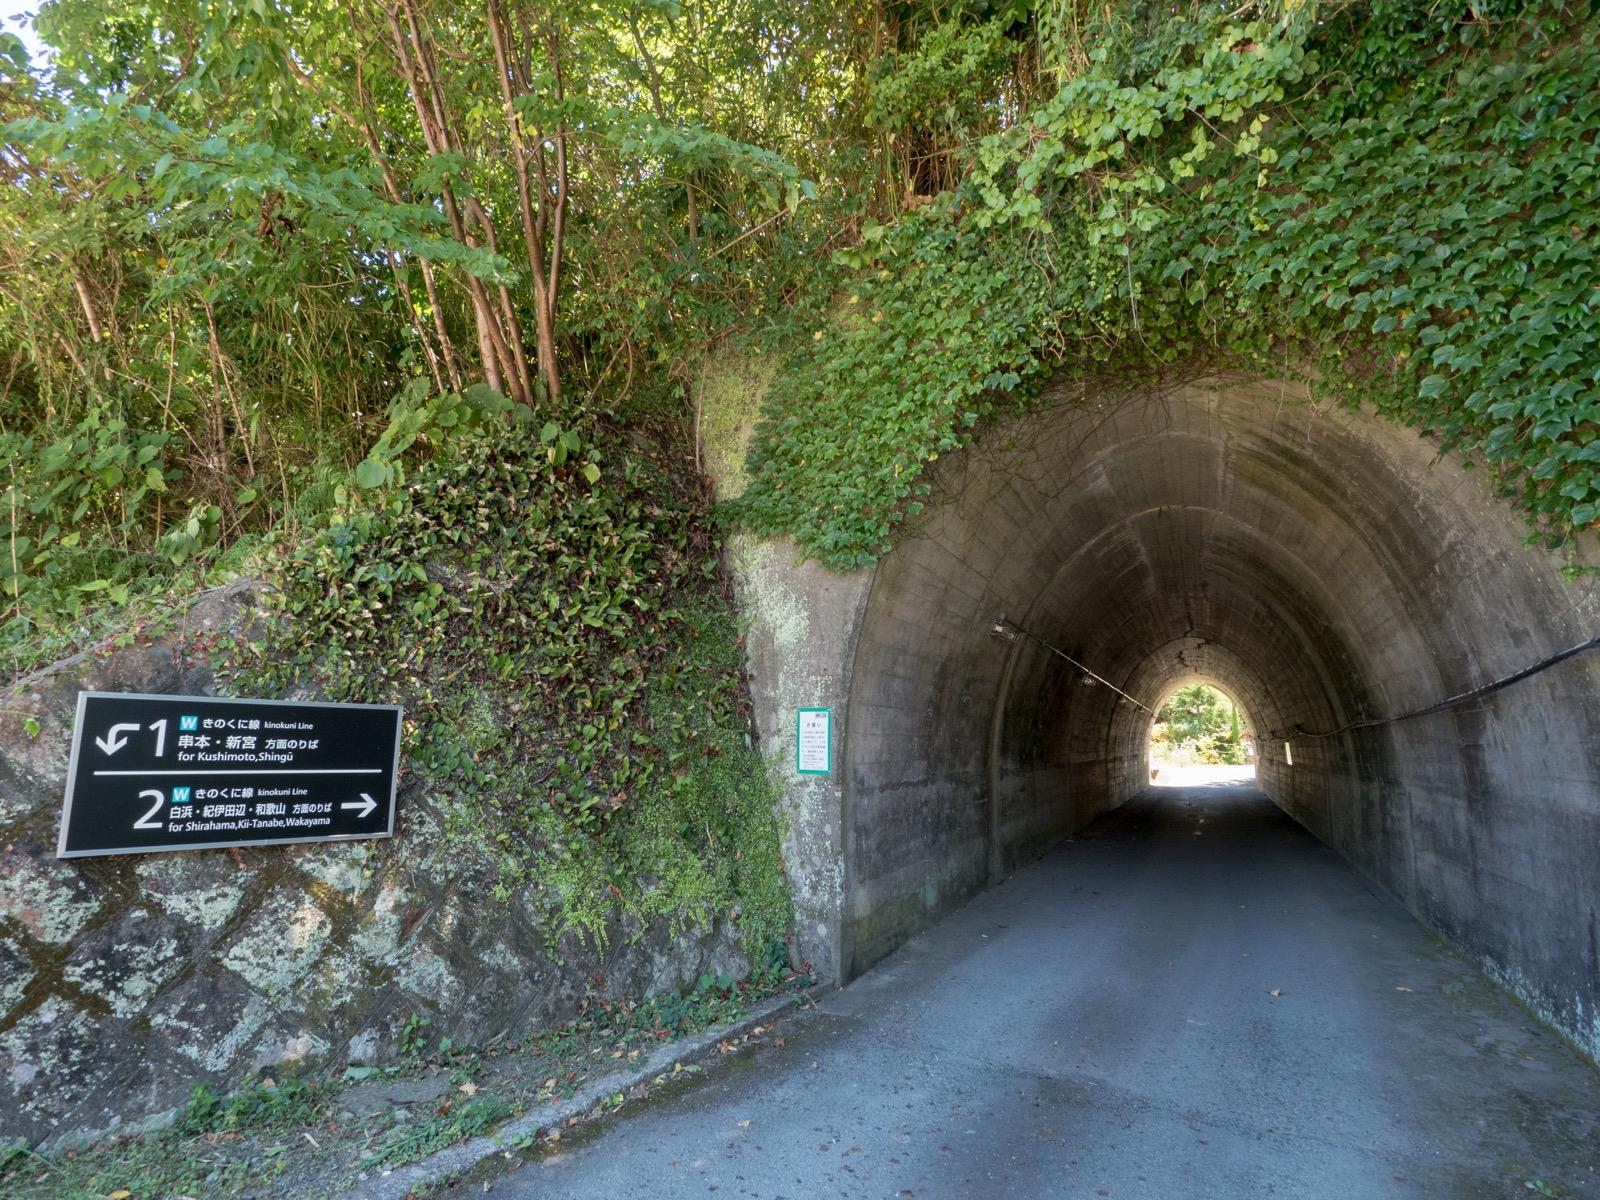 和深駅前のトンネルとホーム案内表示